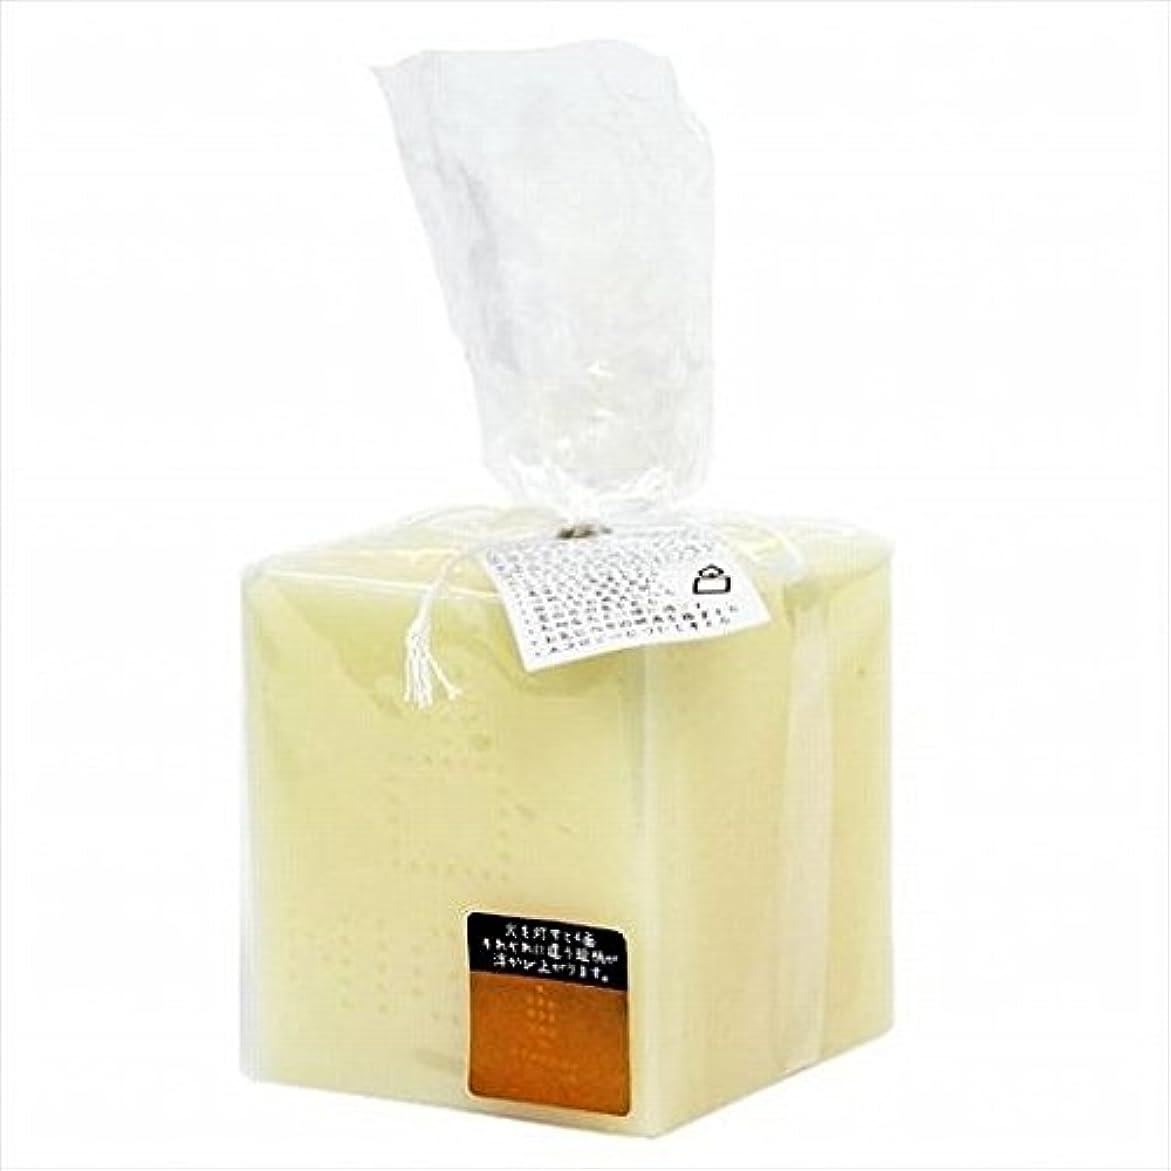 タブレット石灰岩するkameyama candle(カメヤマキャンドル) キャンドルナイト キャンドル 70x70x160mm (A8640000)